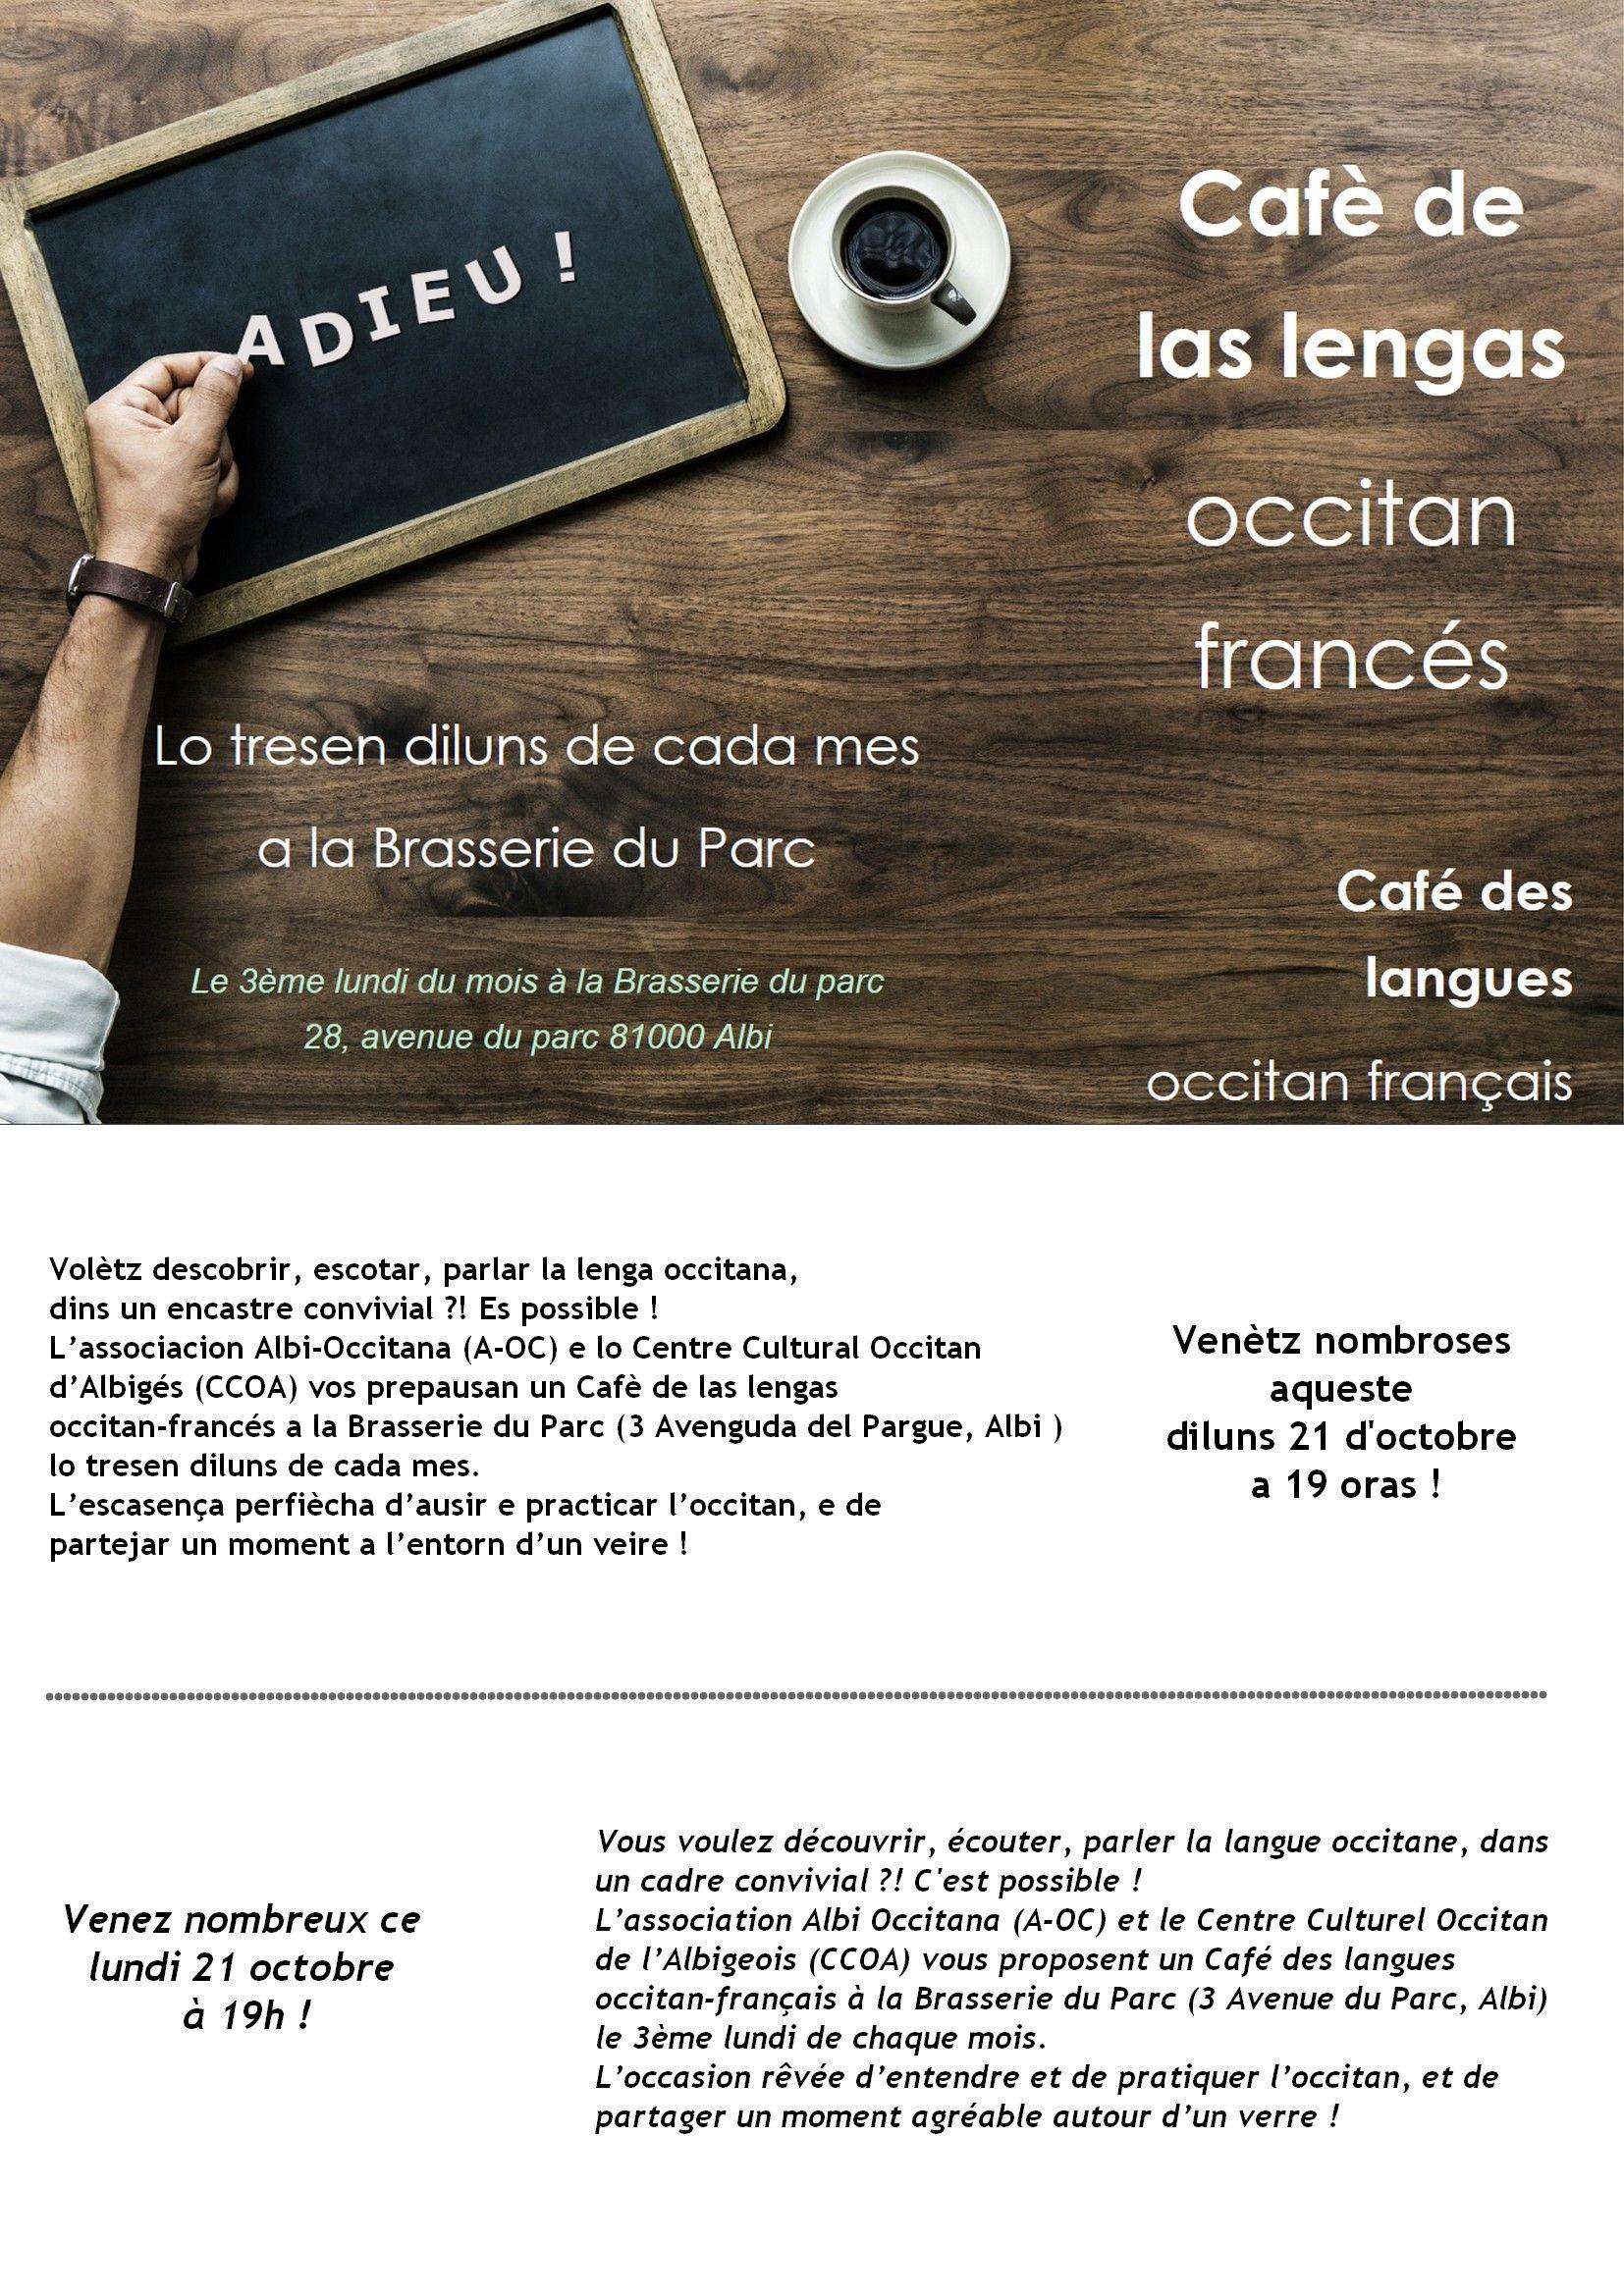 Cafè de las lengas francès/occitan 21 d'octobre